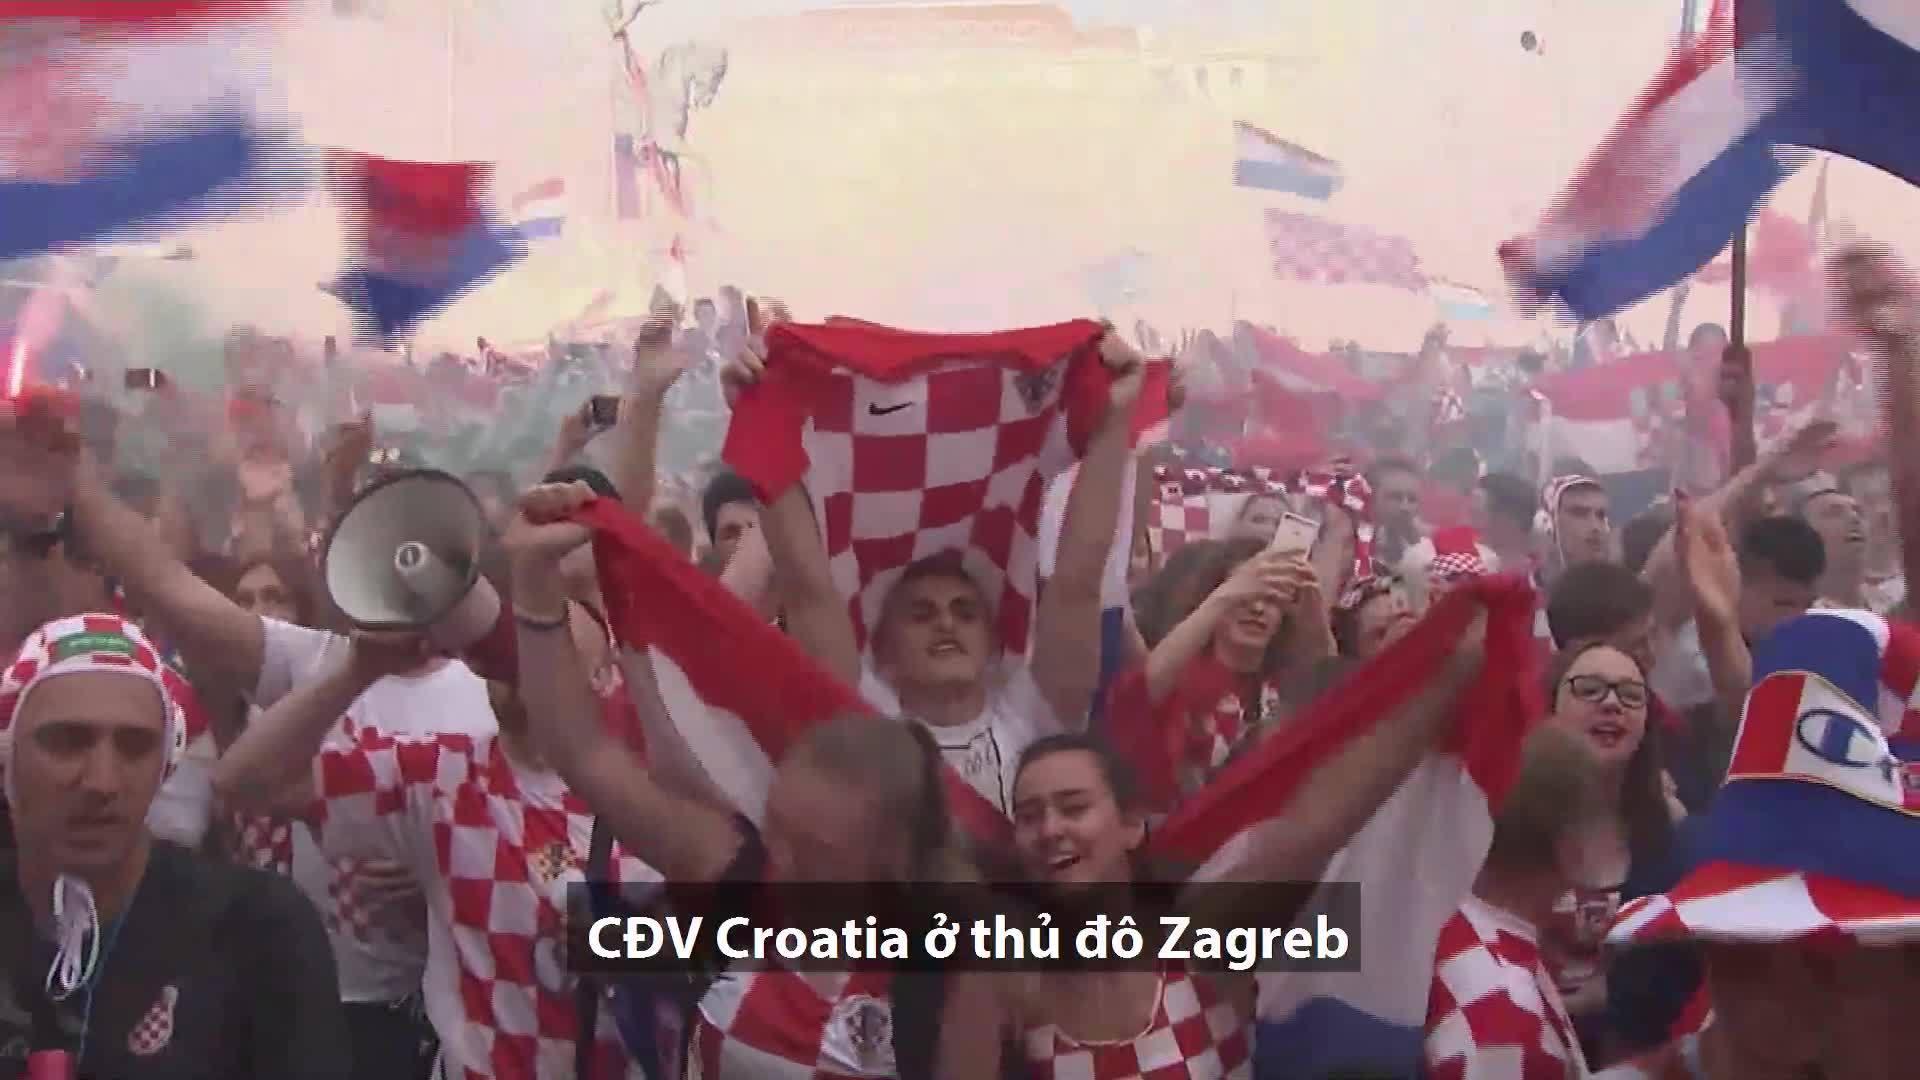 Người hâm mộ Croatia nghẹn ngào tại Zagreb